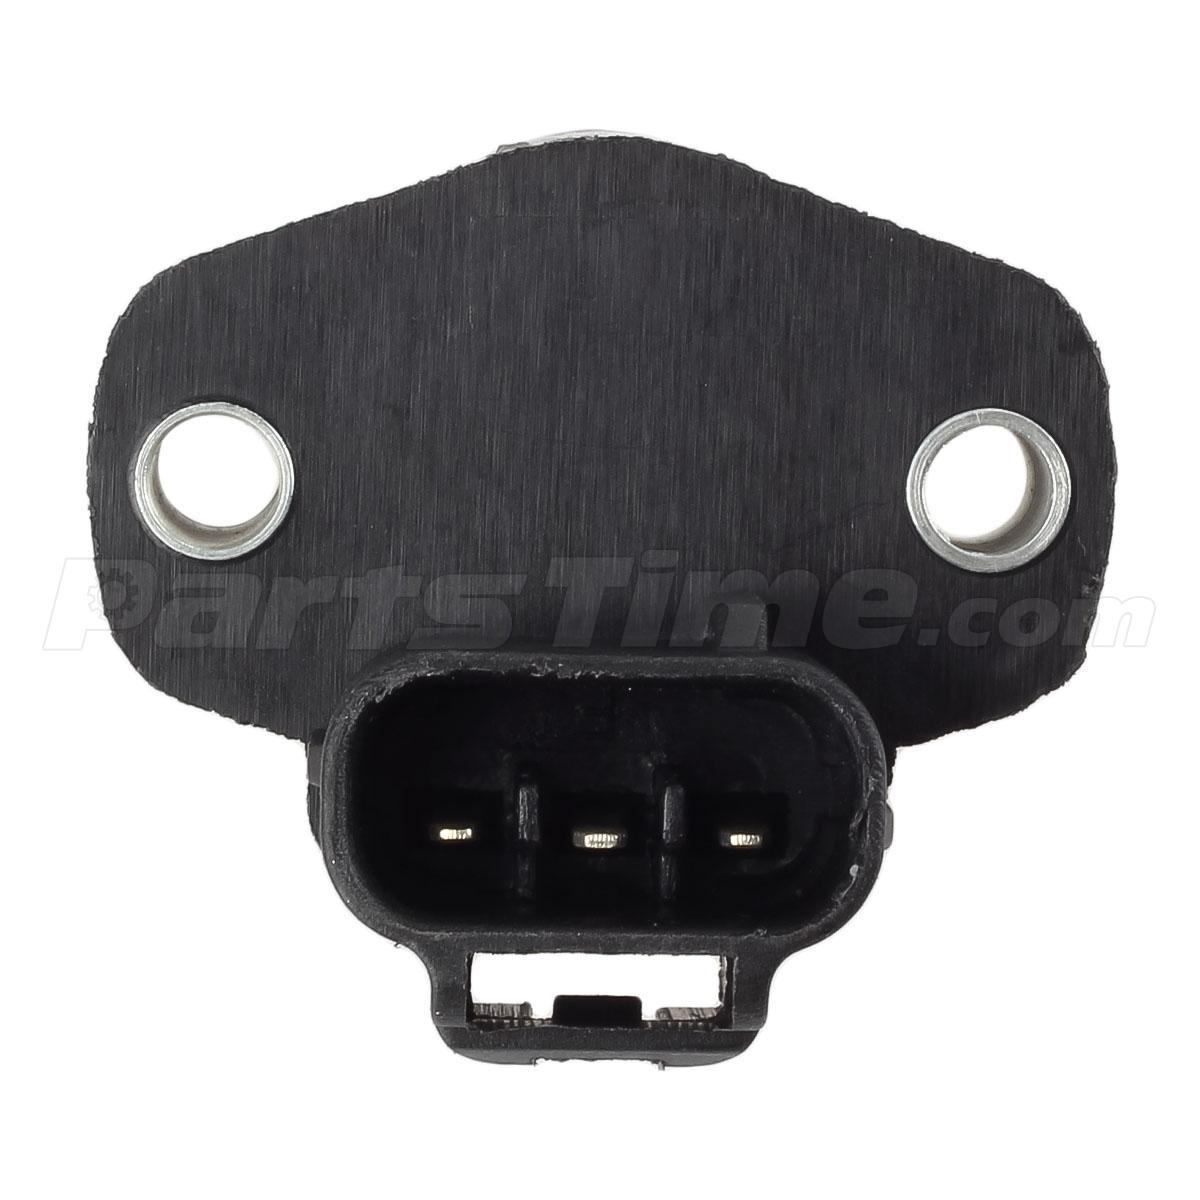 ab throttle position sensor  dodge dakota viper jeep cherokee wrangler ebay